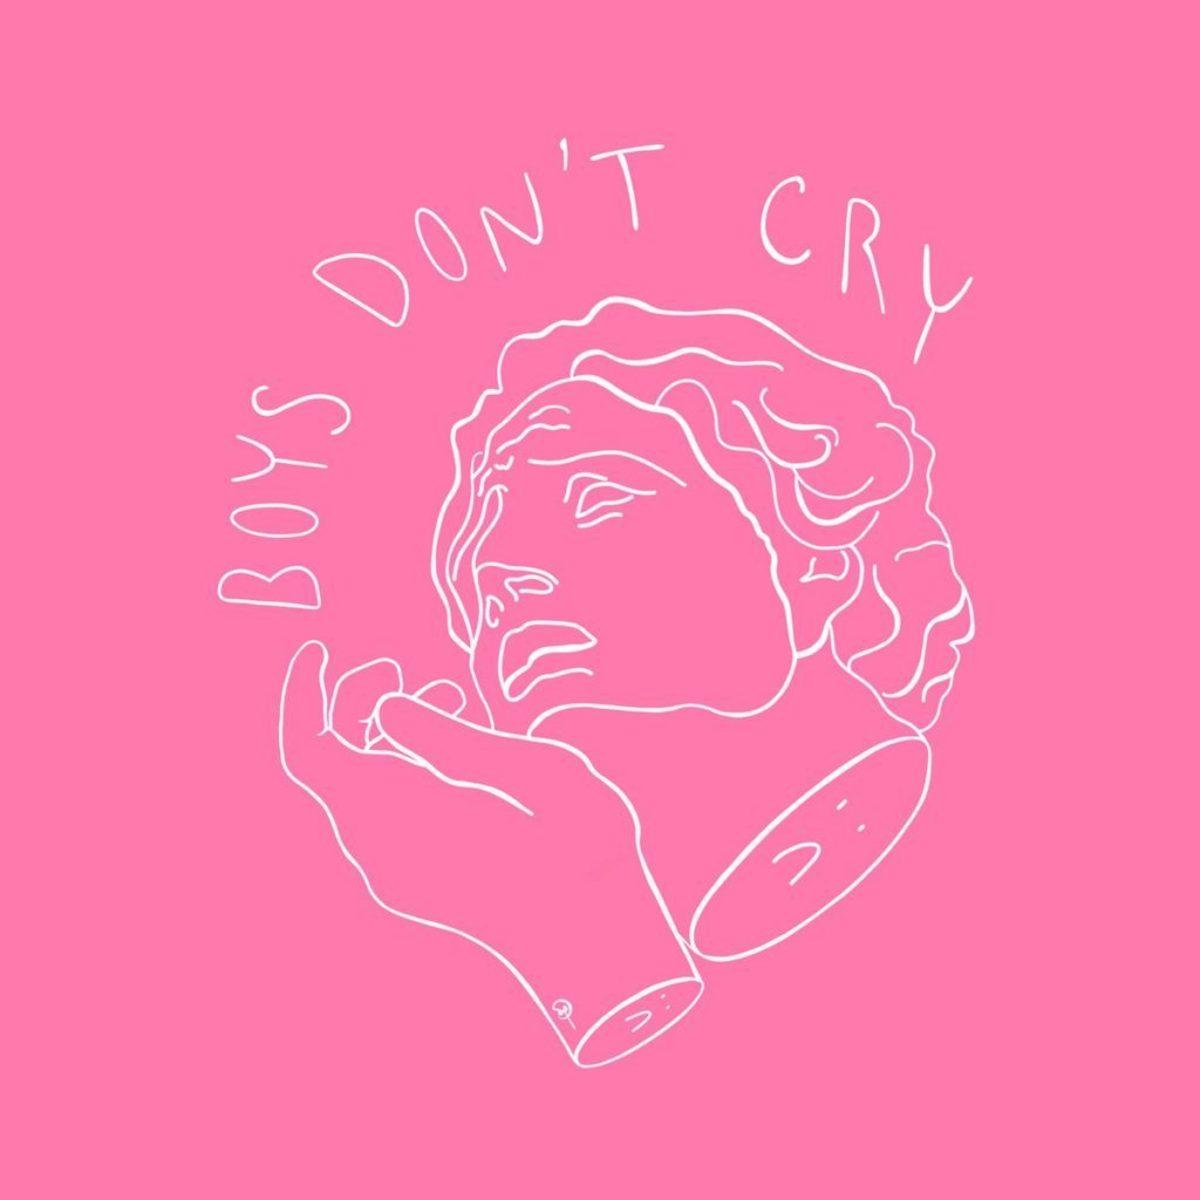 Men Shouldn't Cry